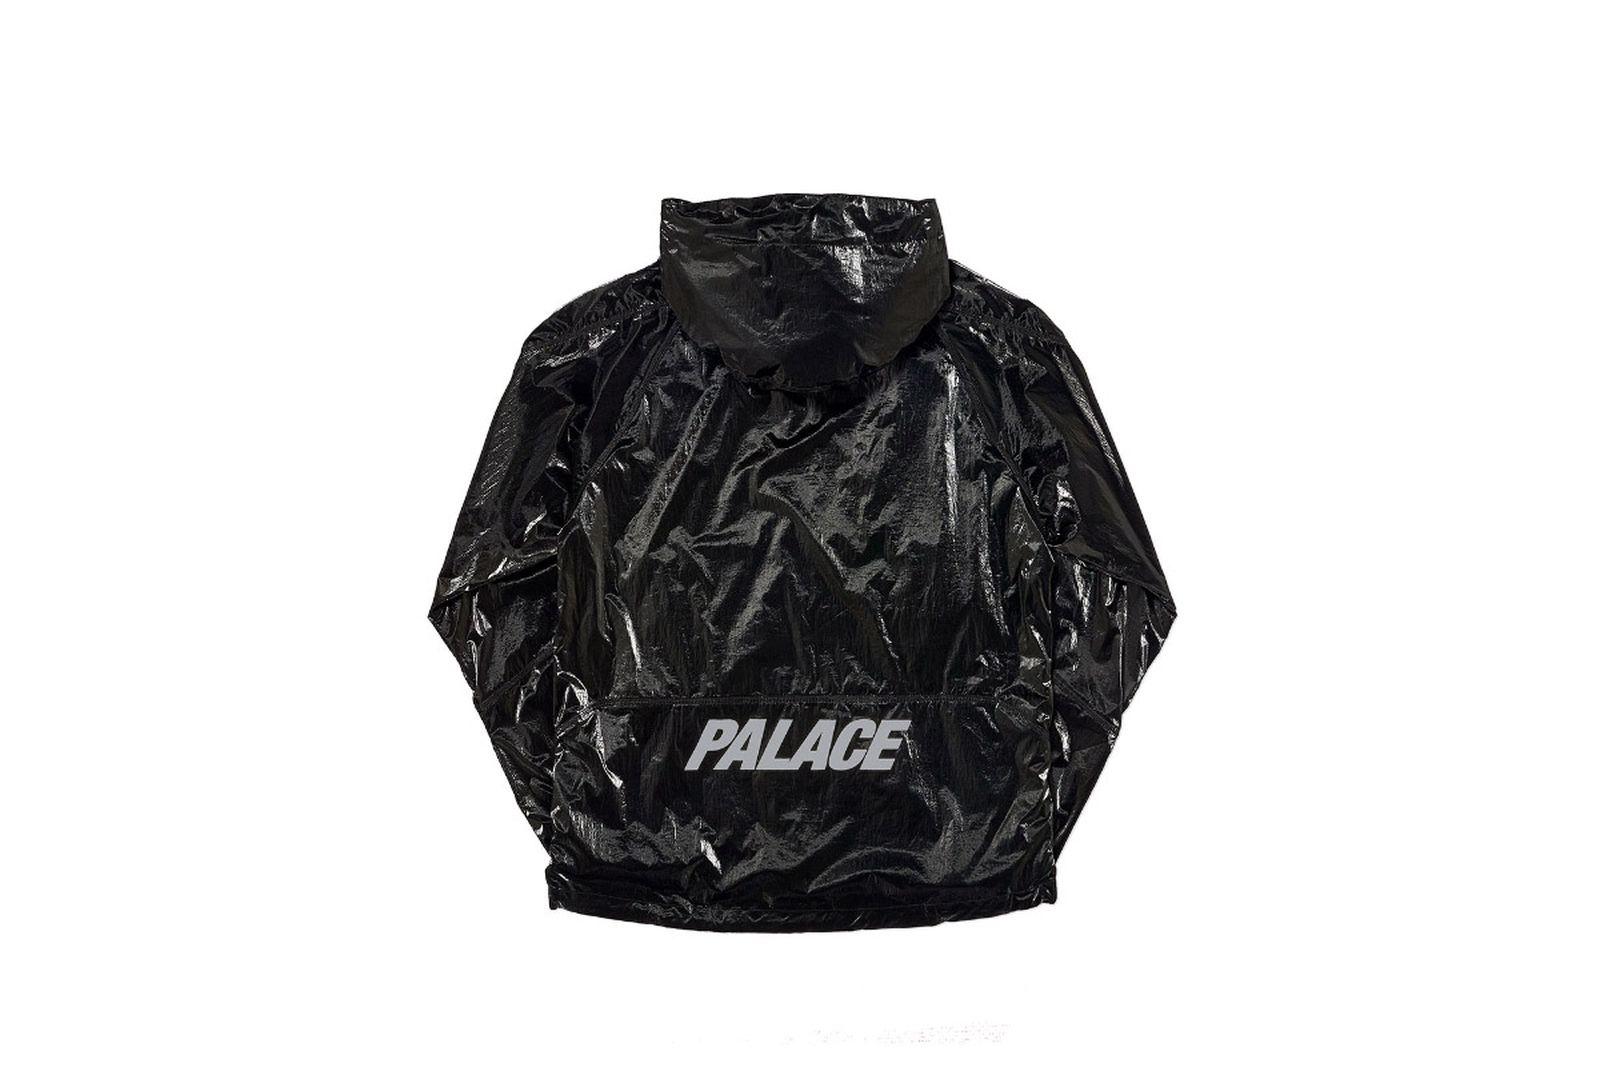 Palace 2019 Autumn Jacket G Loss Jacket black back fw19